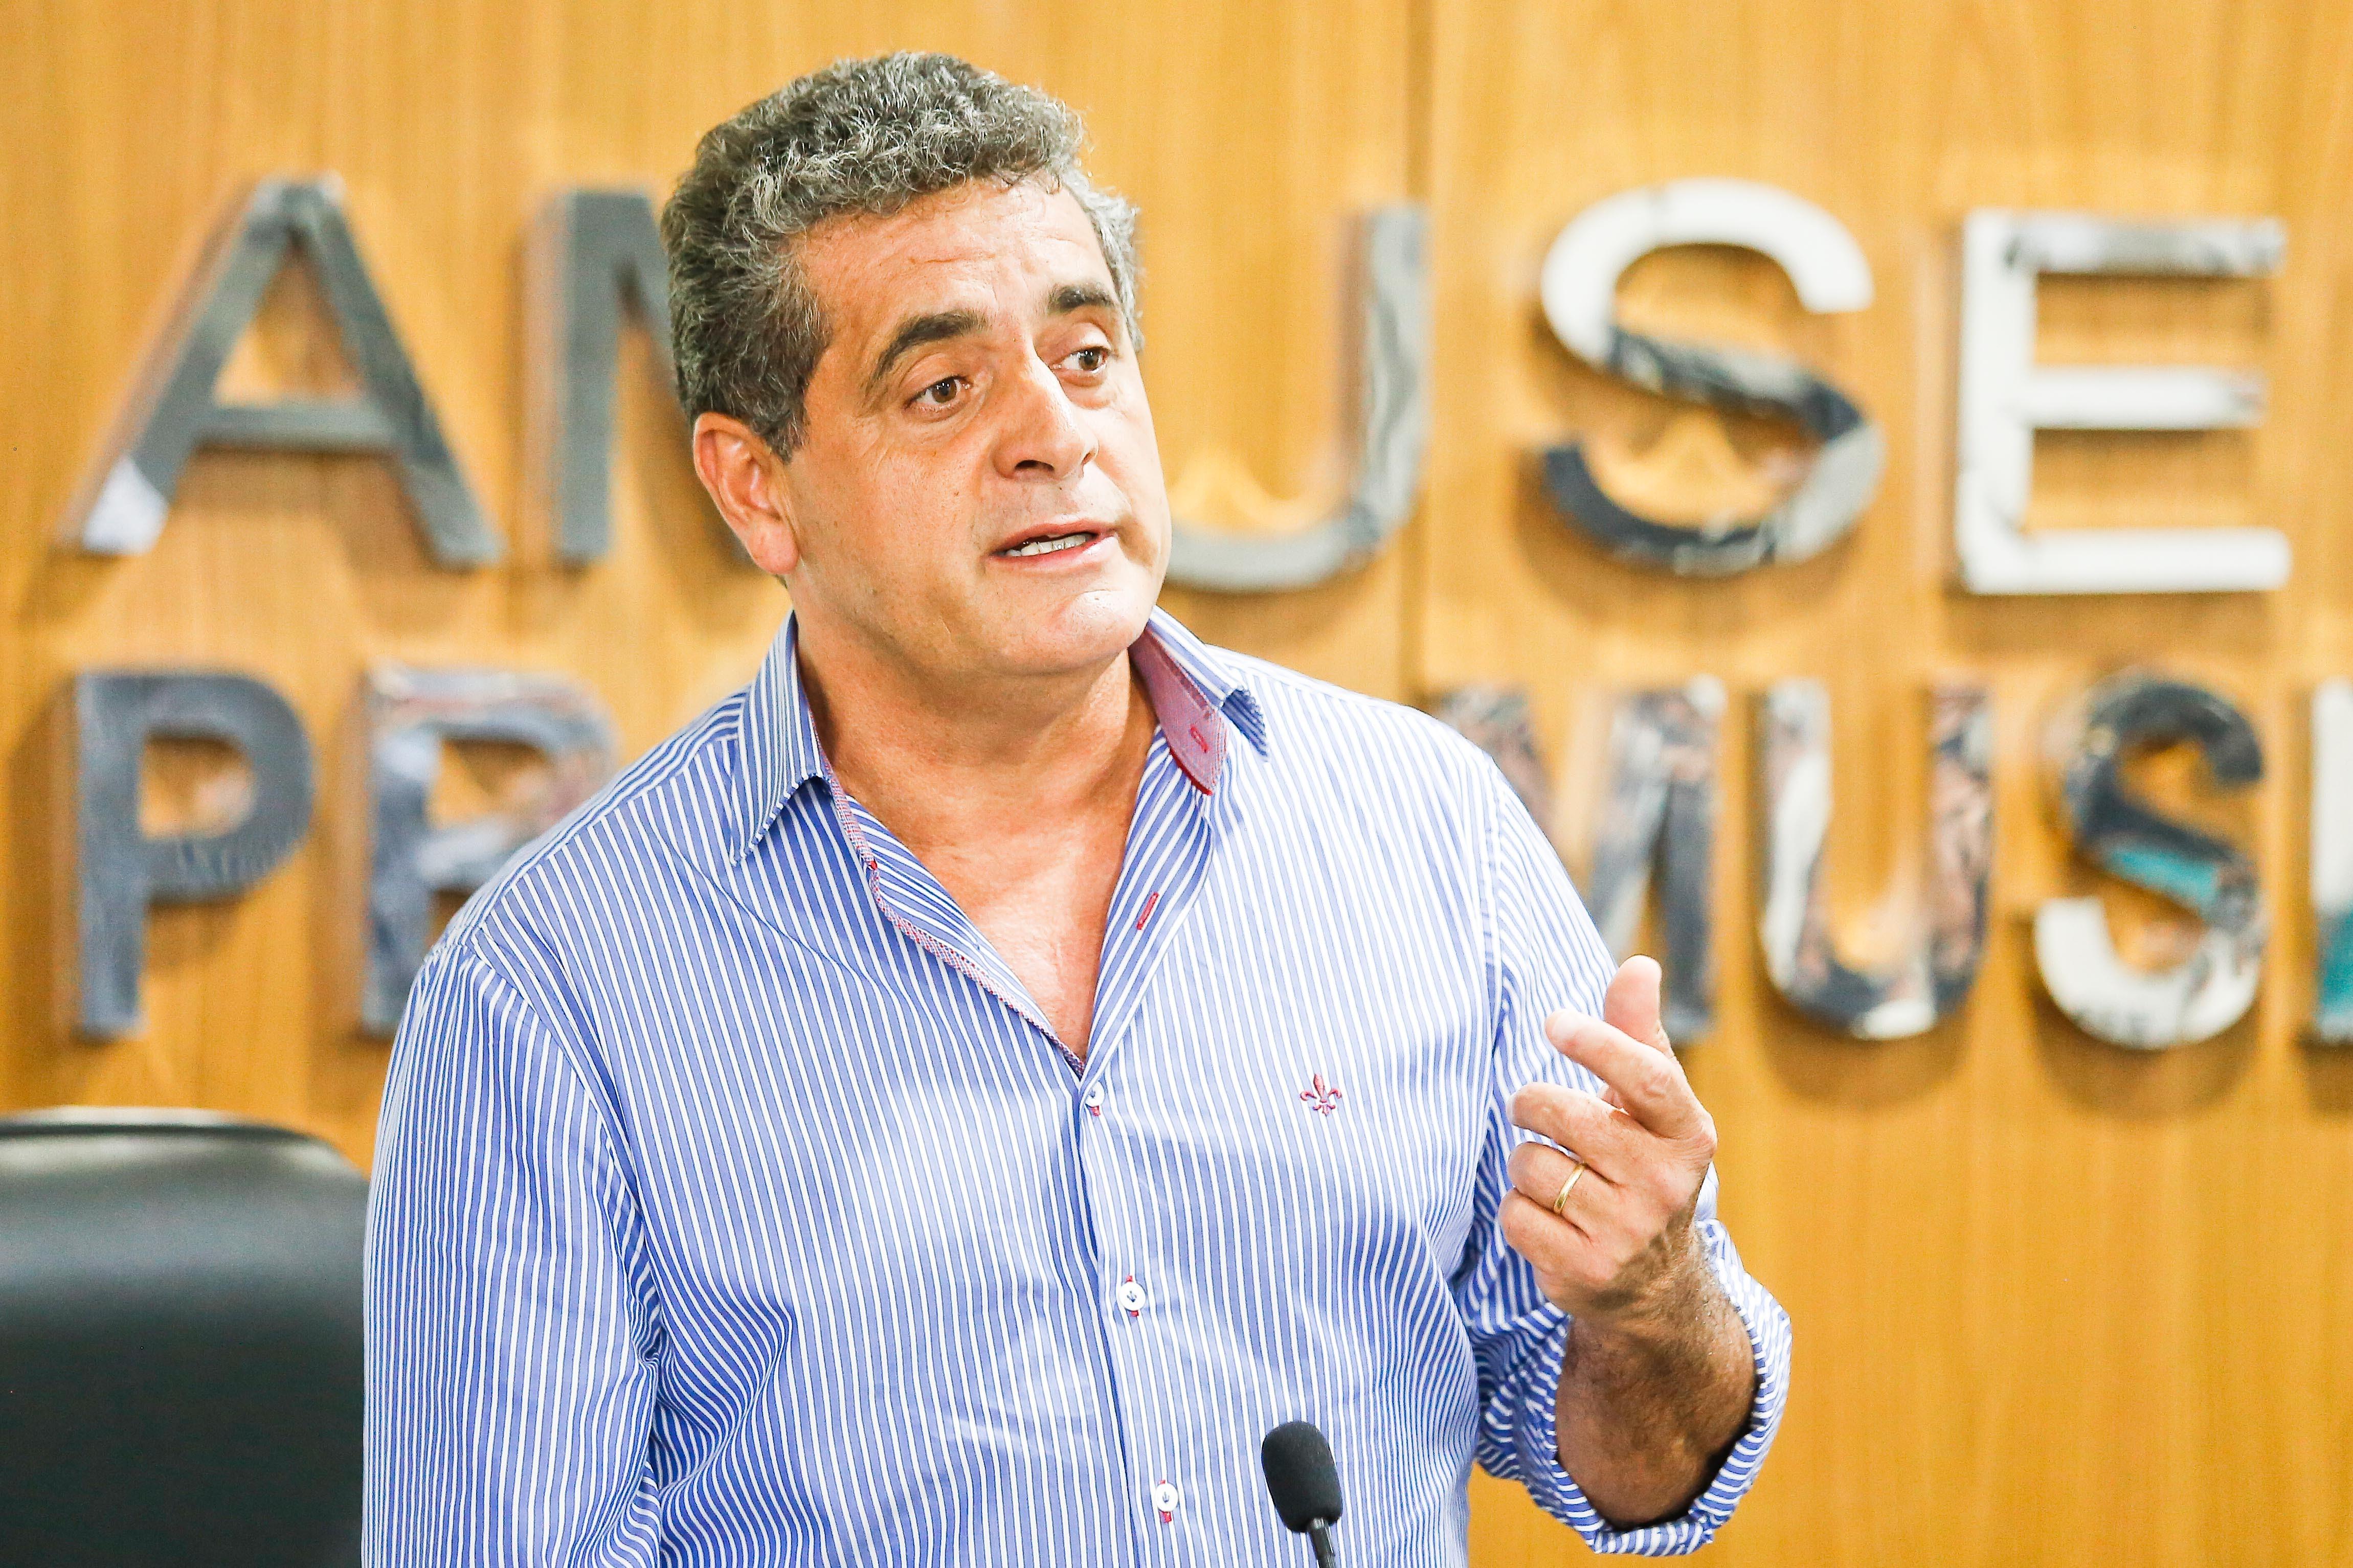 Temos de fortalecer a região, diz presidente eleito da Amusep